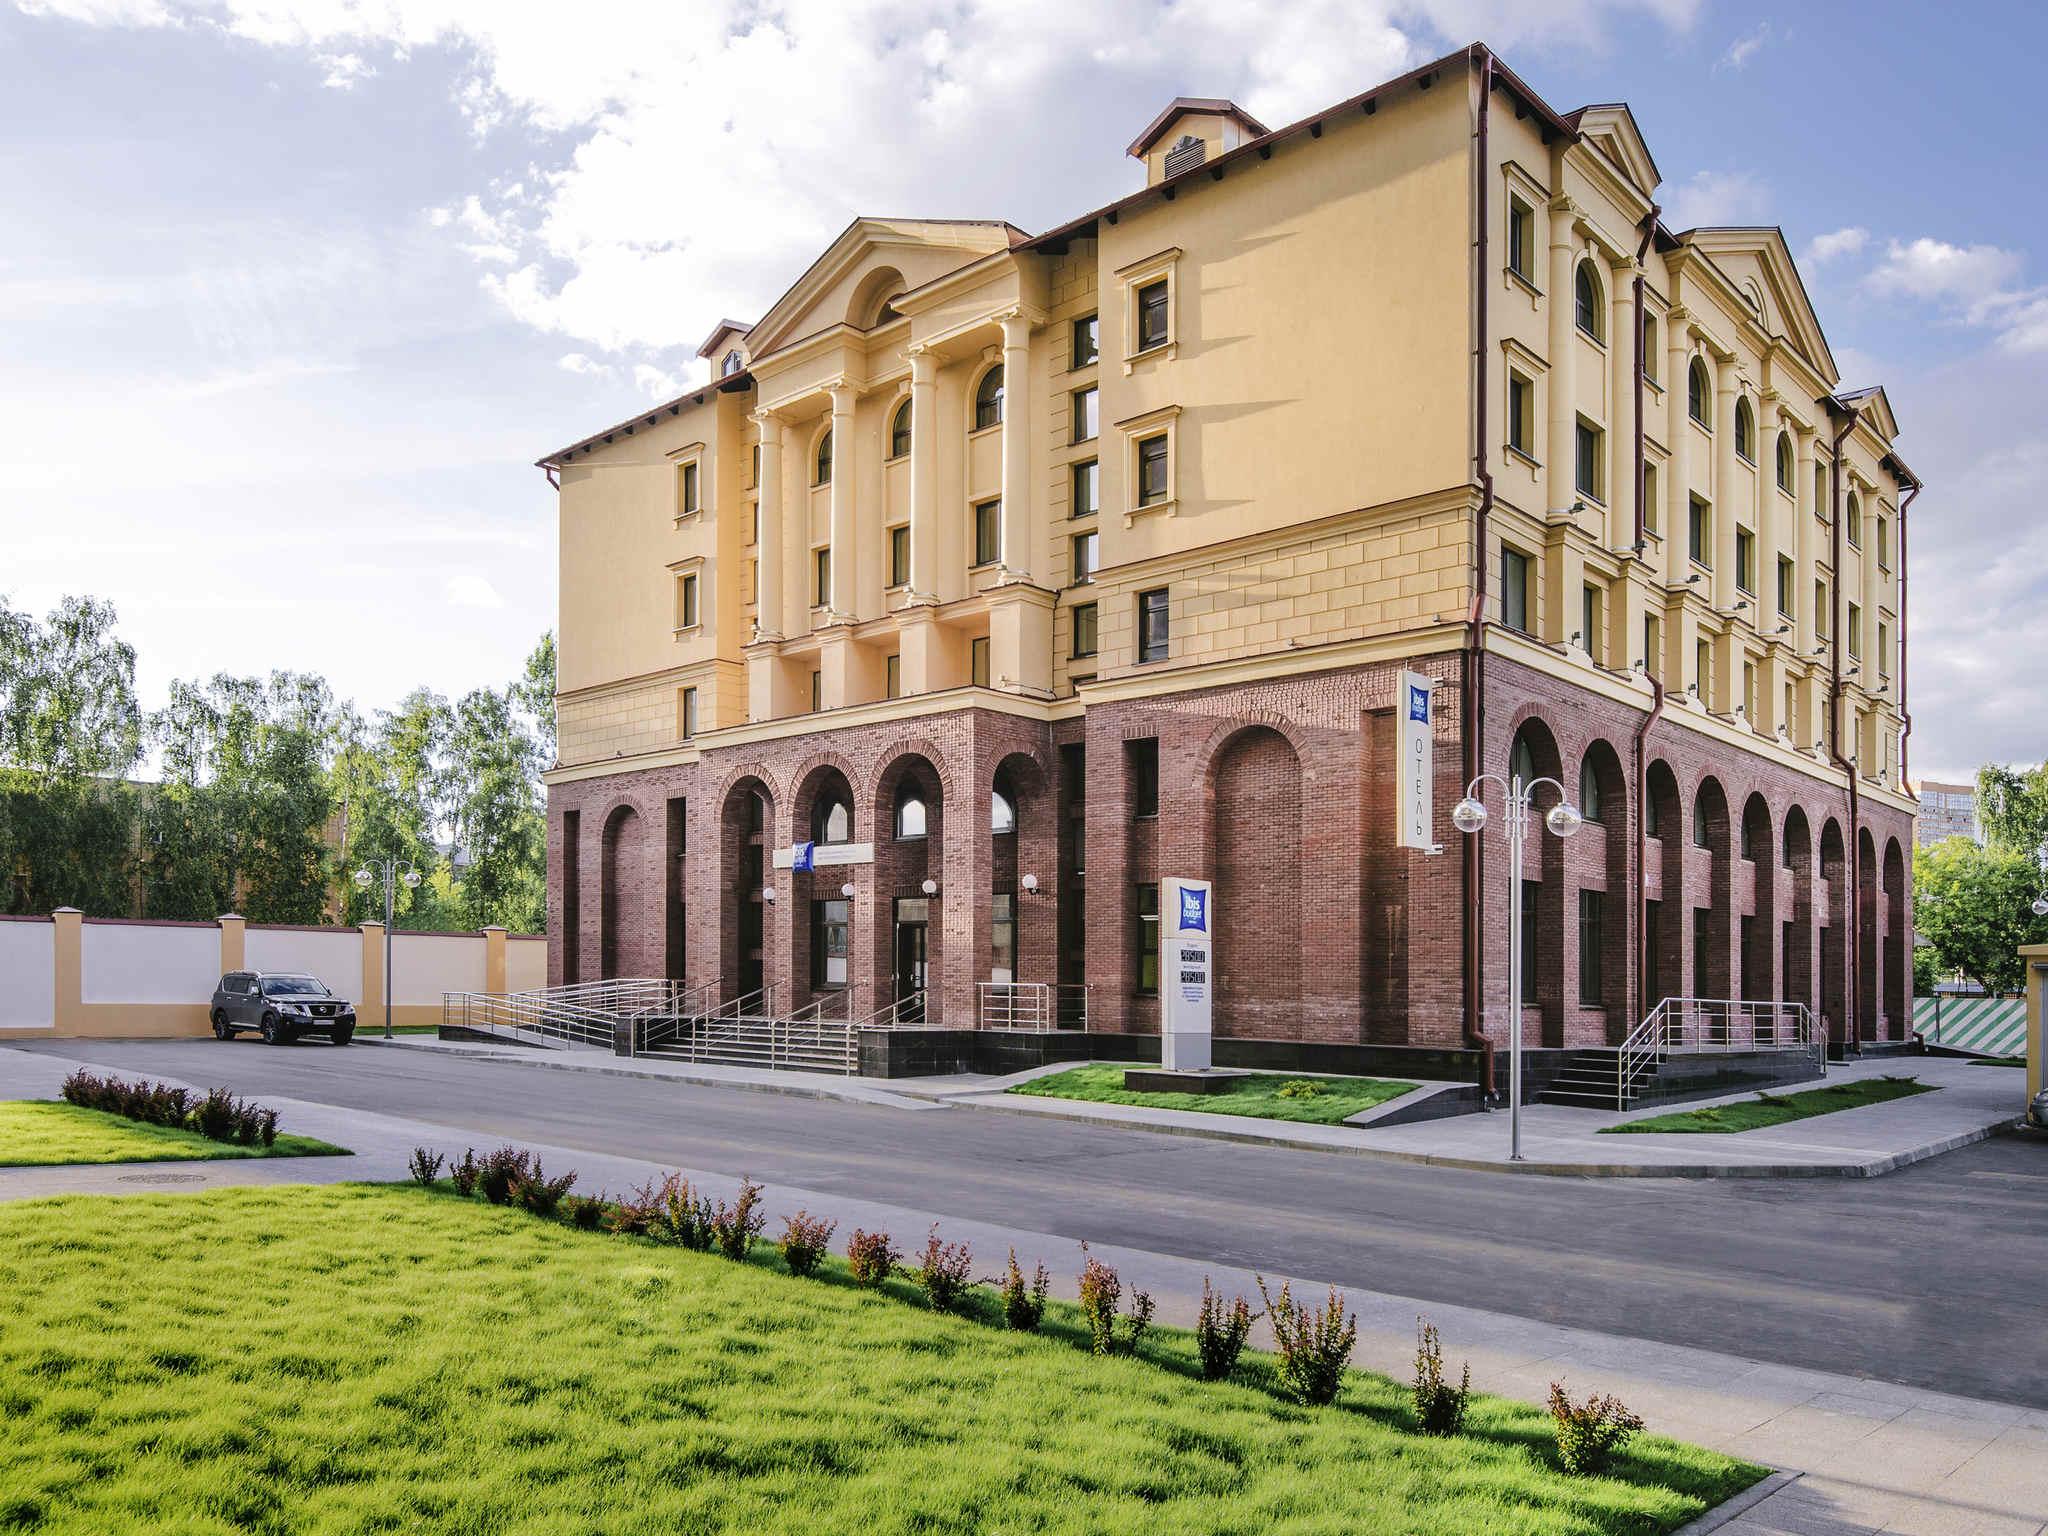 فندق - إببيس بدجت Ibis budget موسكو بانفيلوفسكايا